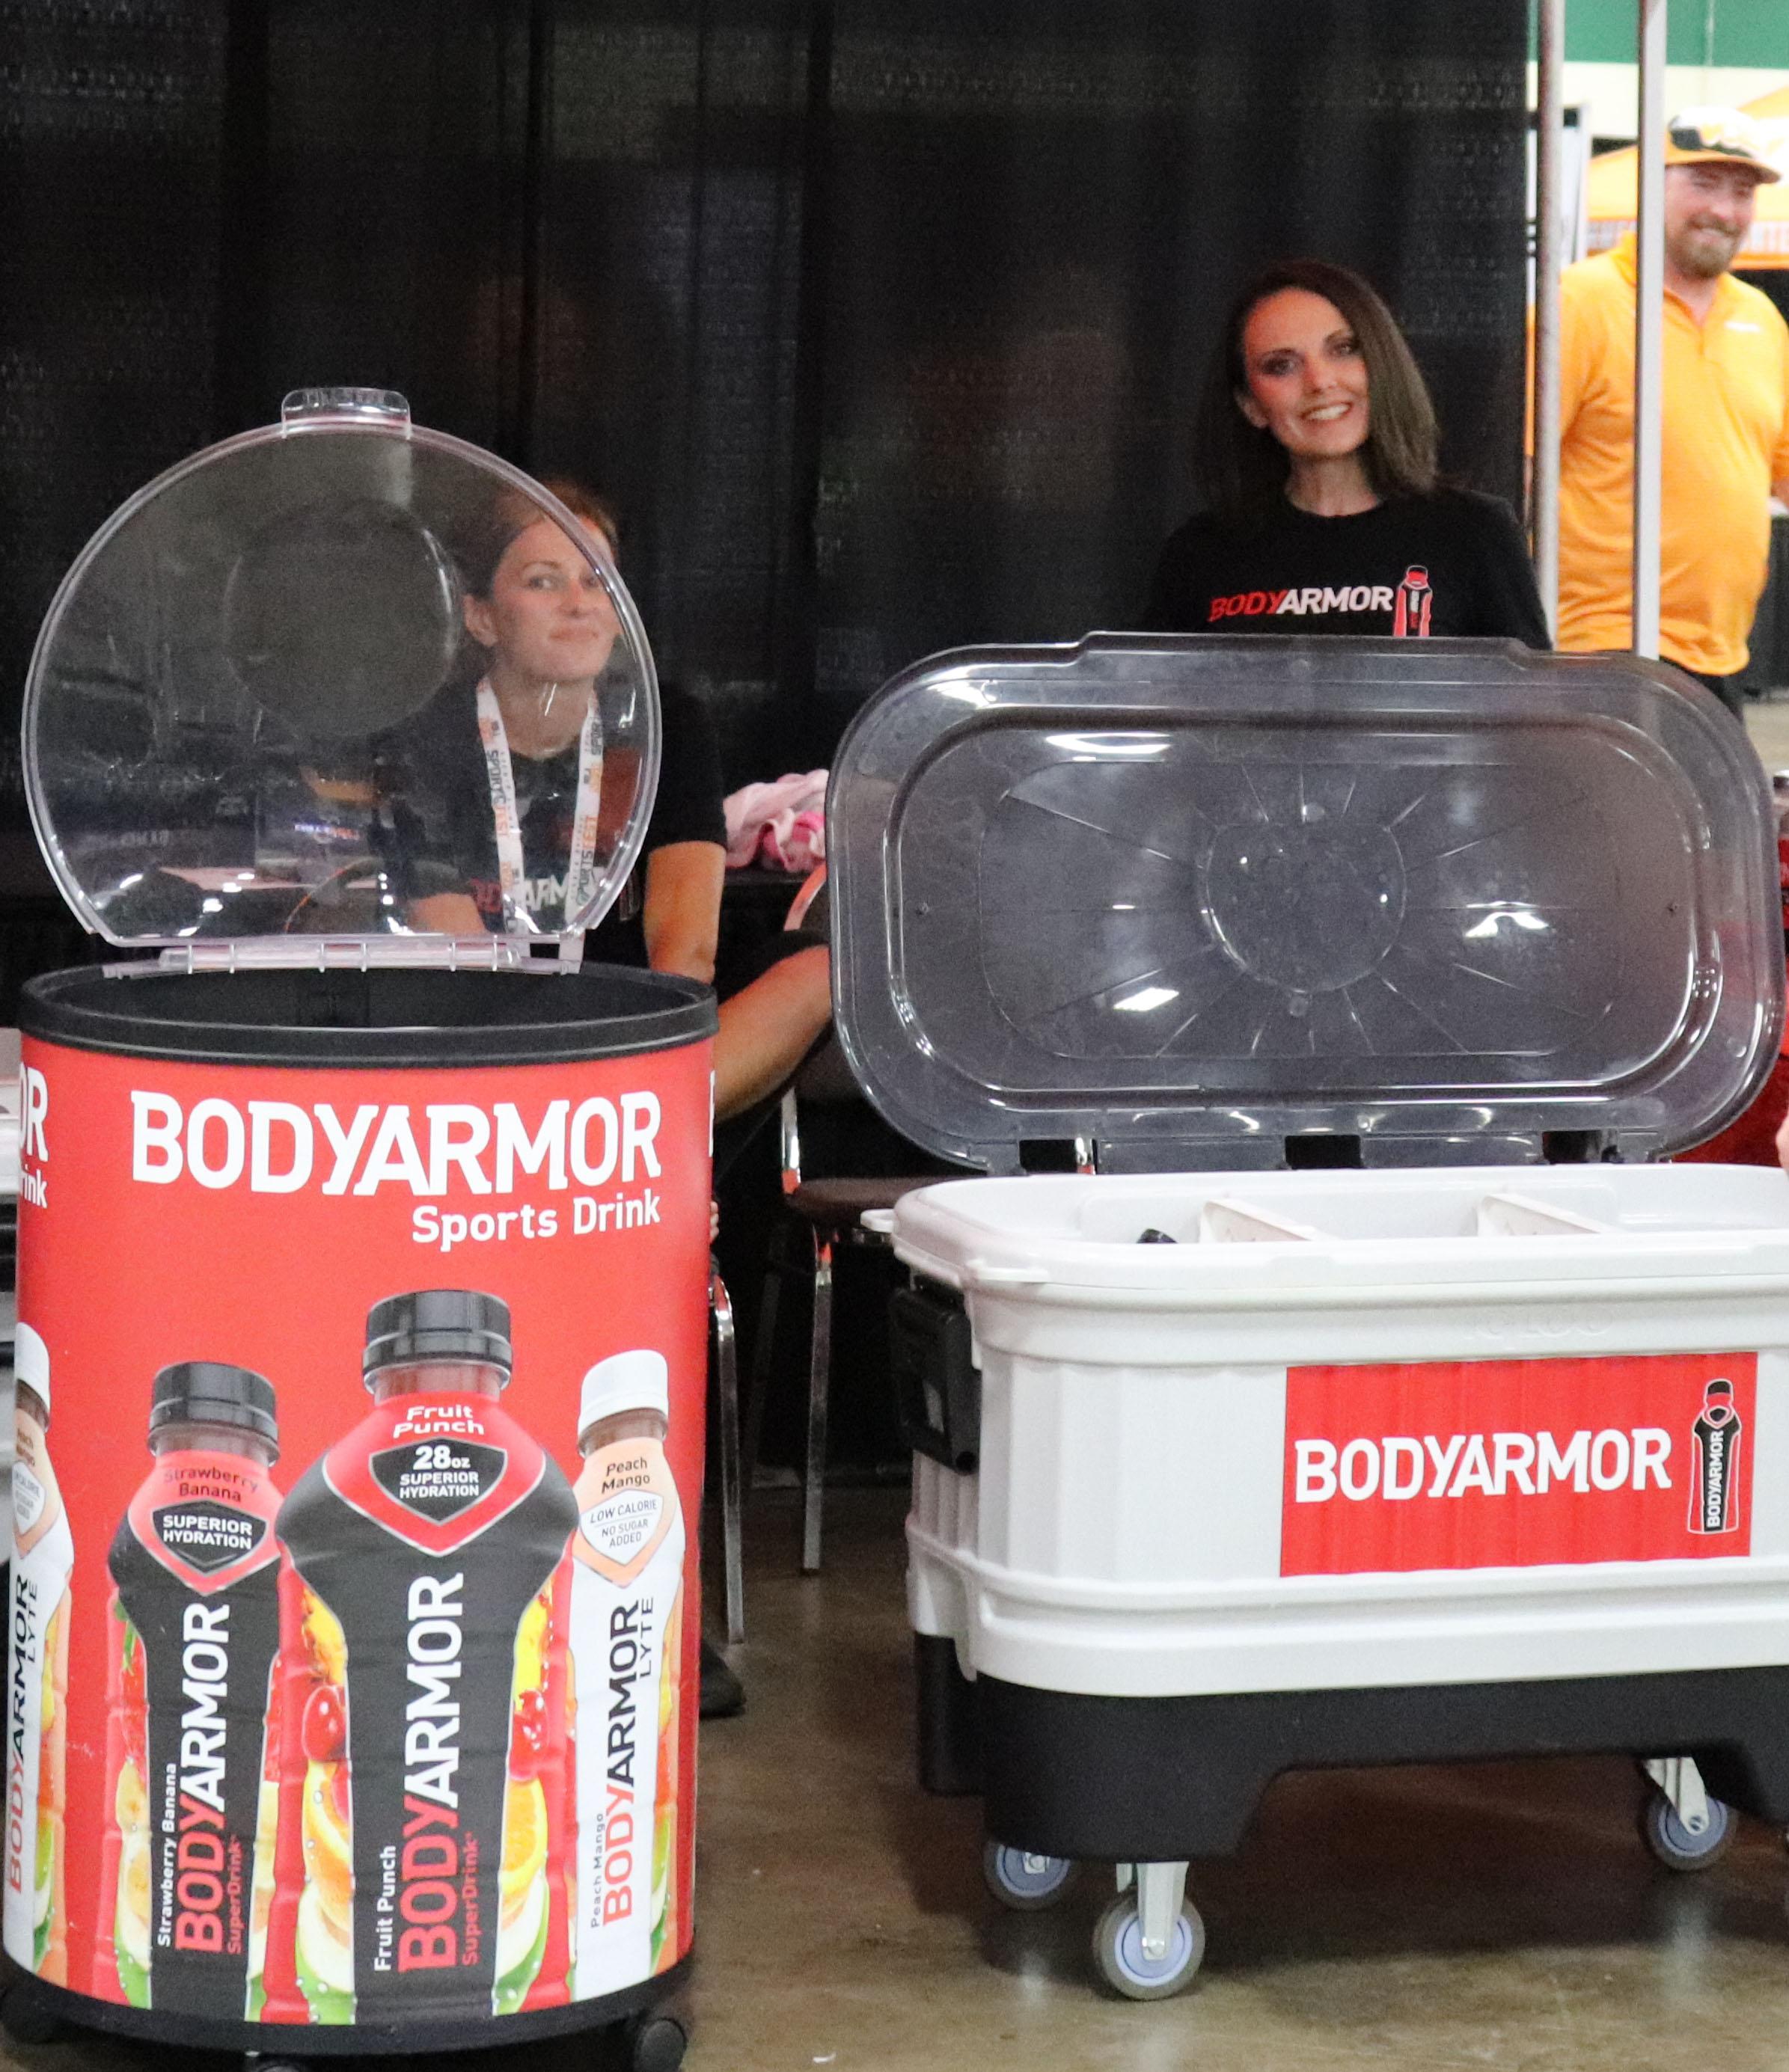 Bodyarmor 2